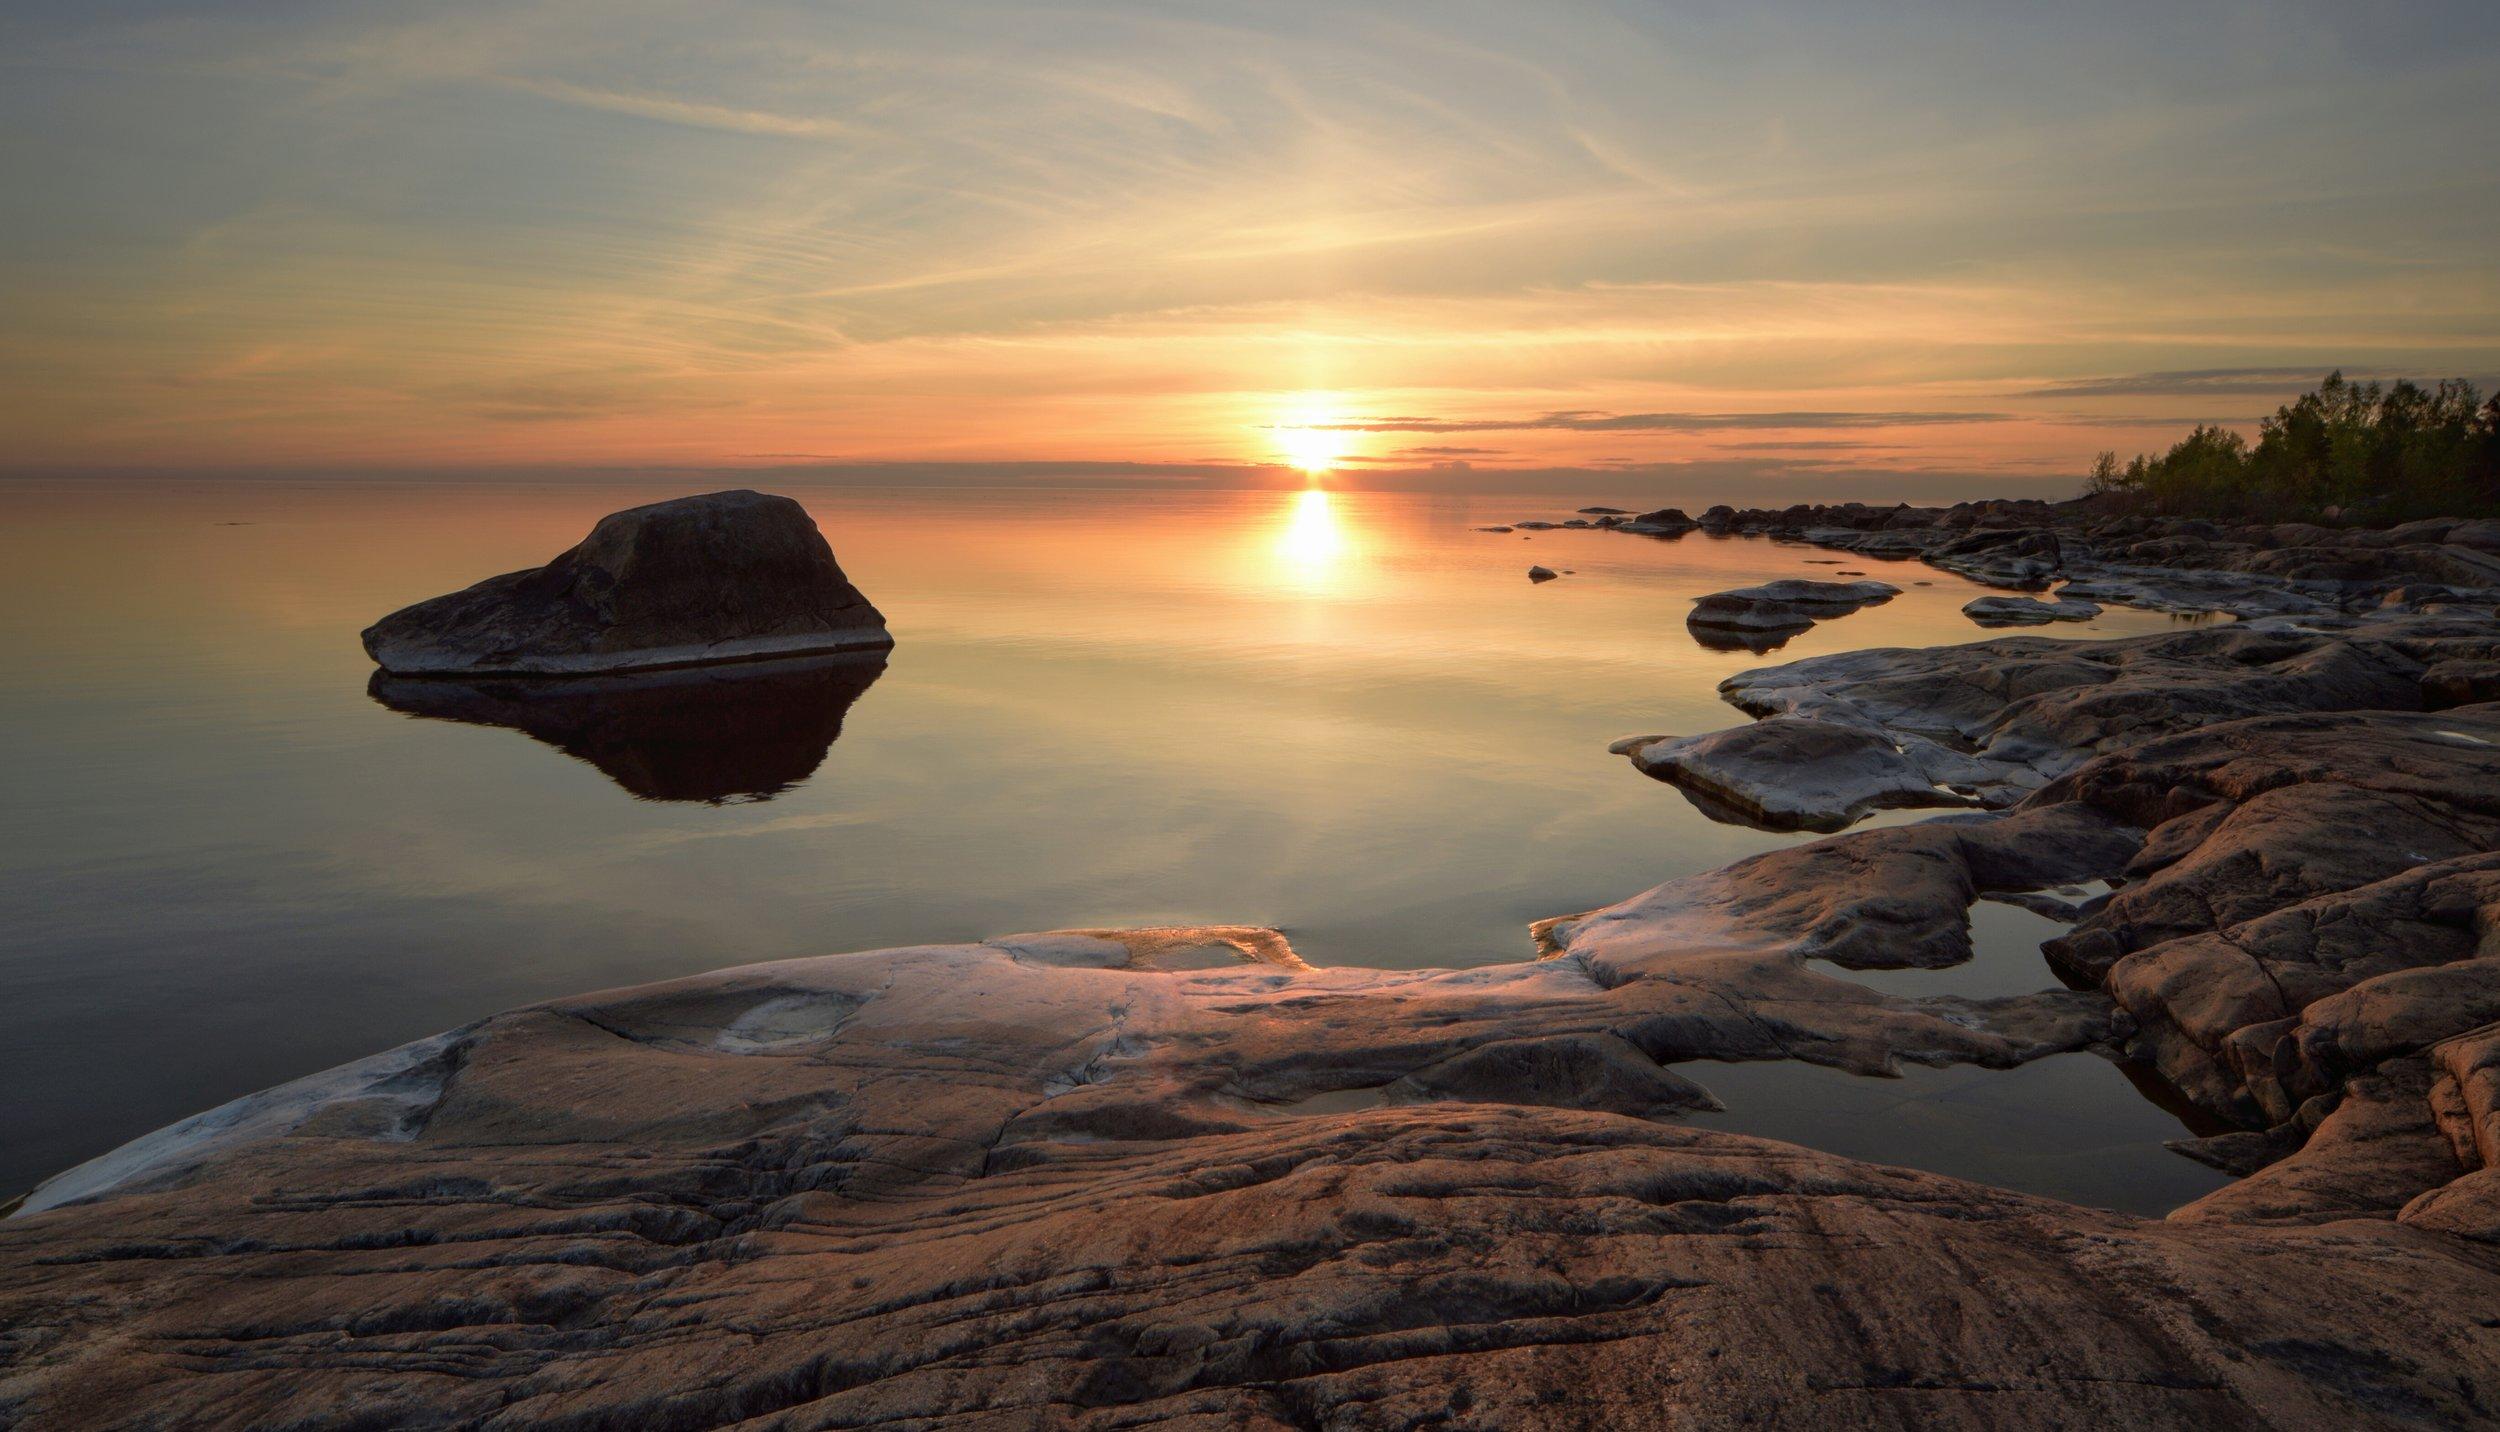 Tisskässand's Rocks at Sunset II